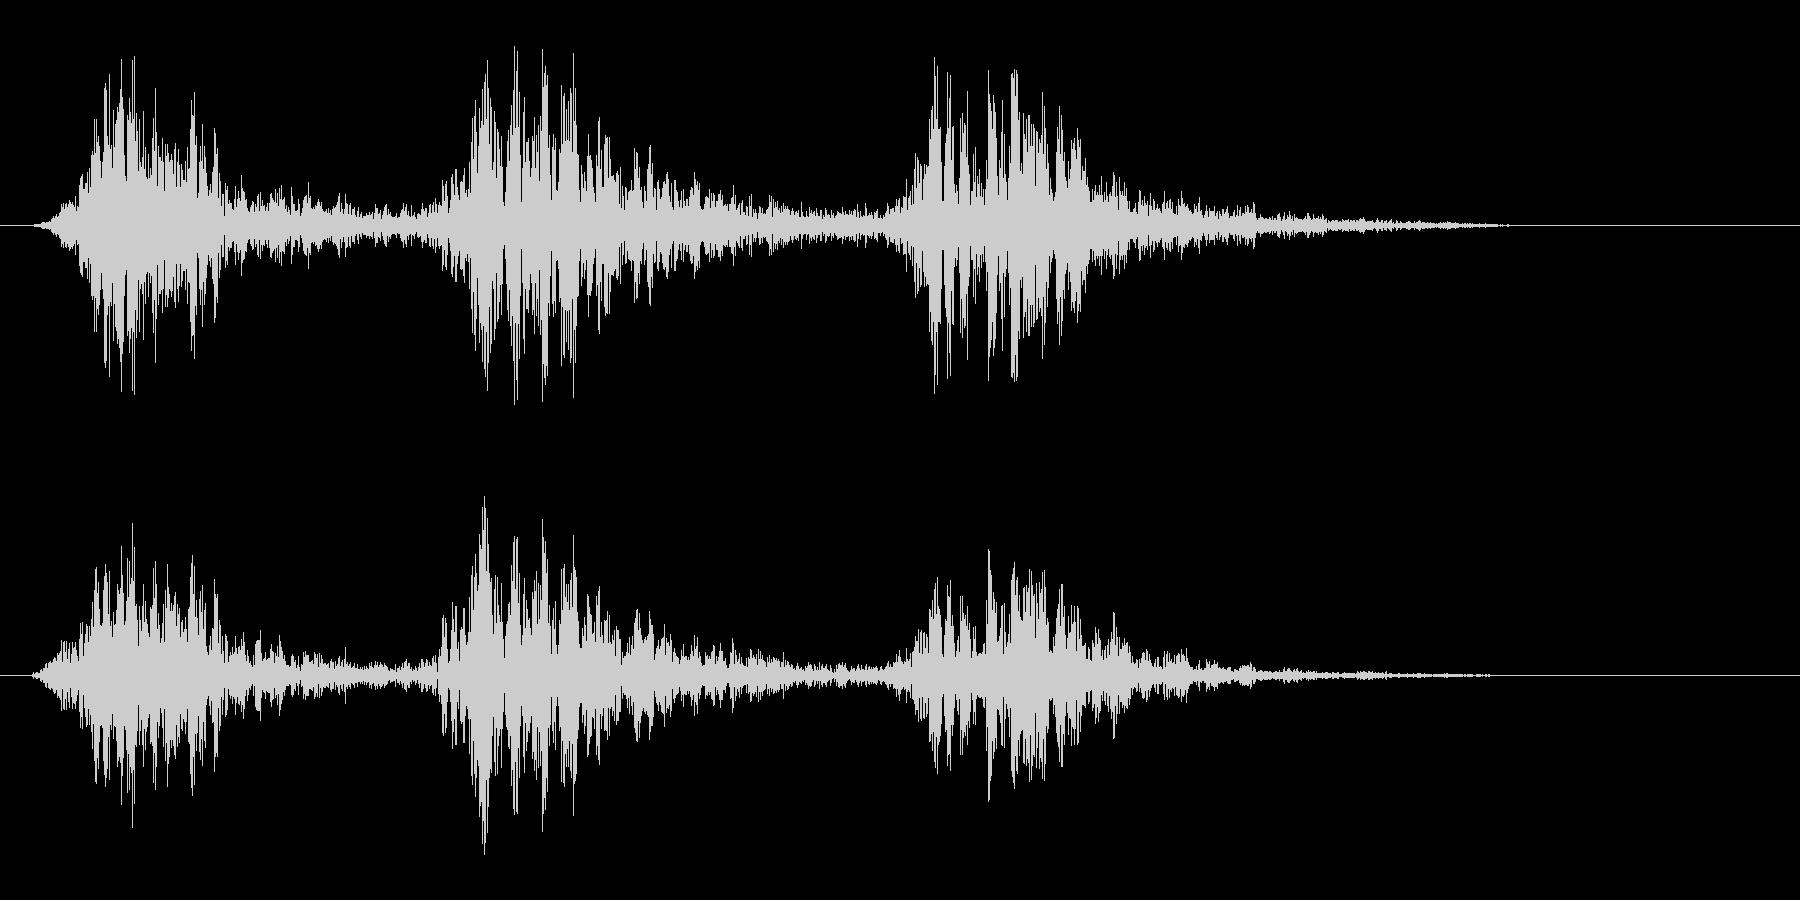 ダタタン(身近なものを叩いたような音)の未再生の波形